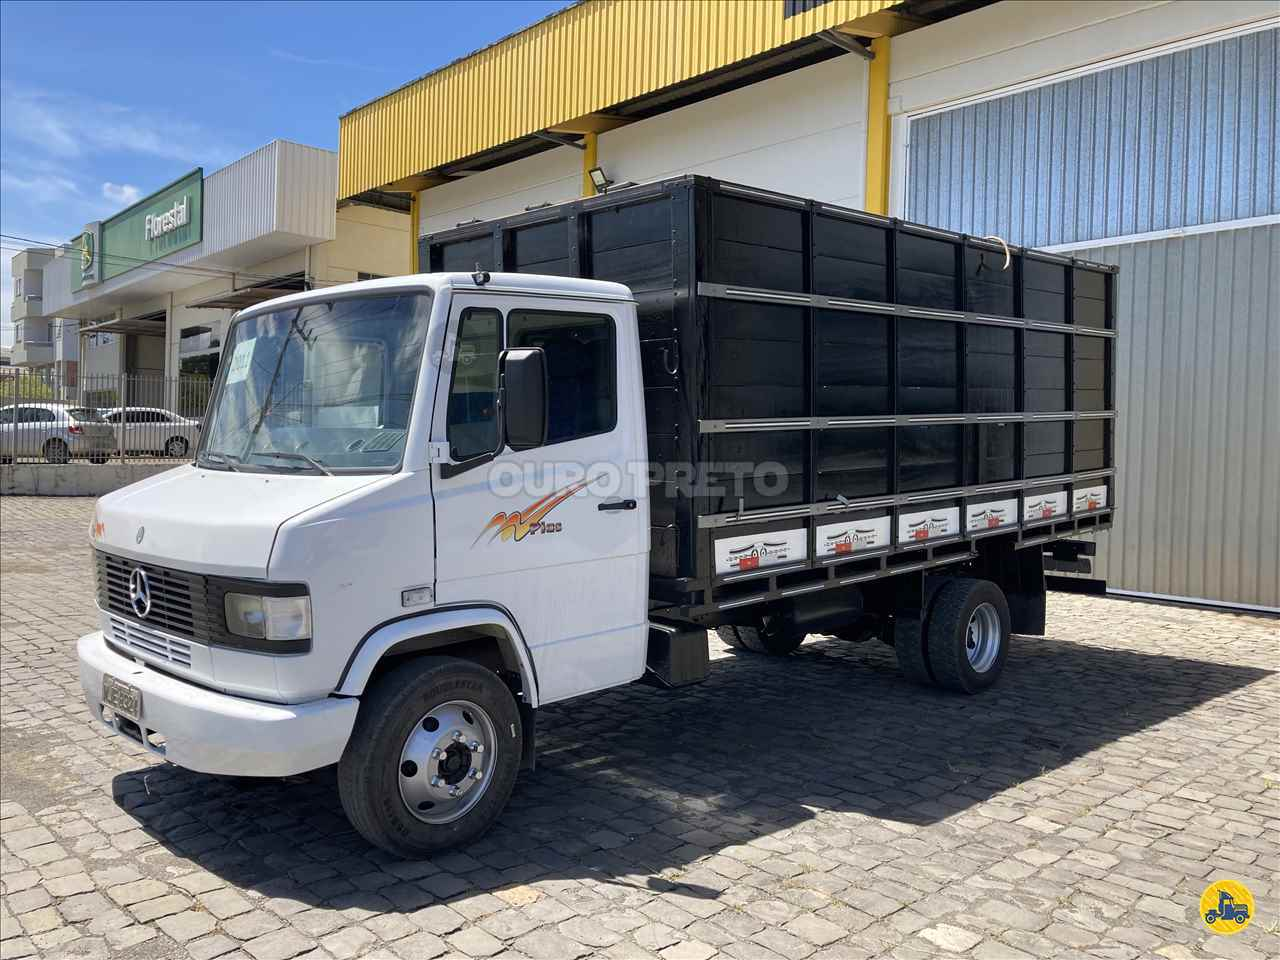 CAMINHAO MERCEDES-BENZ MB 710 Boiadeiro 3/4 4x2 Ouro Preto Caminhões LAGES SANTA CATARINA SC